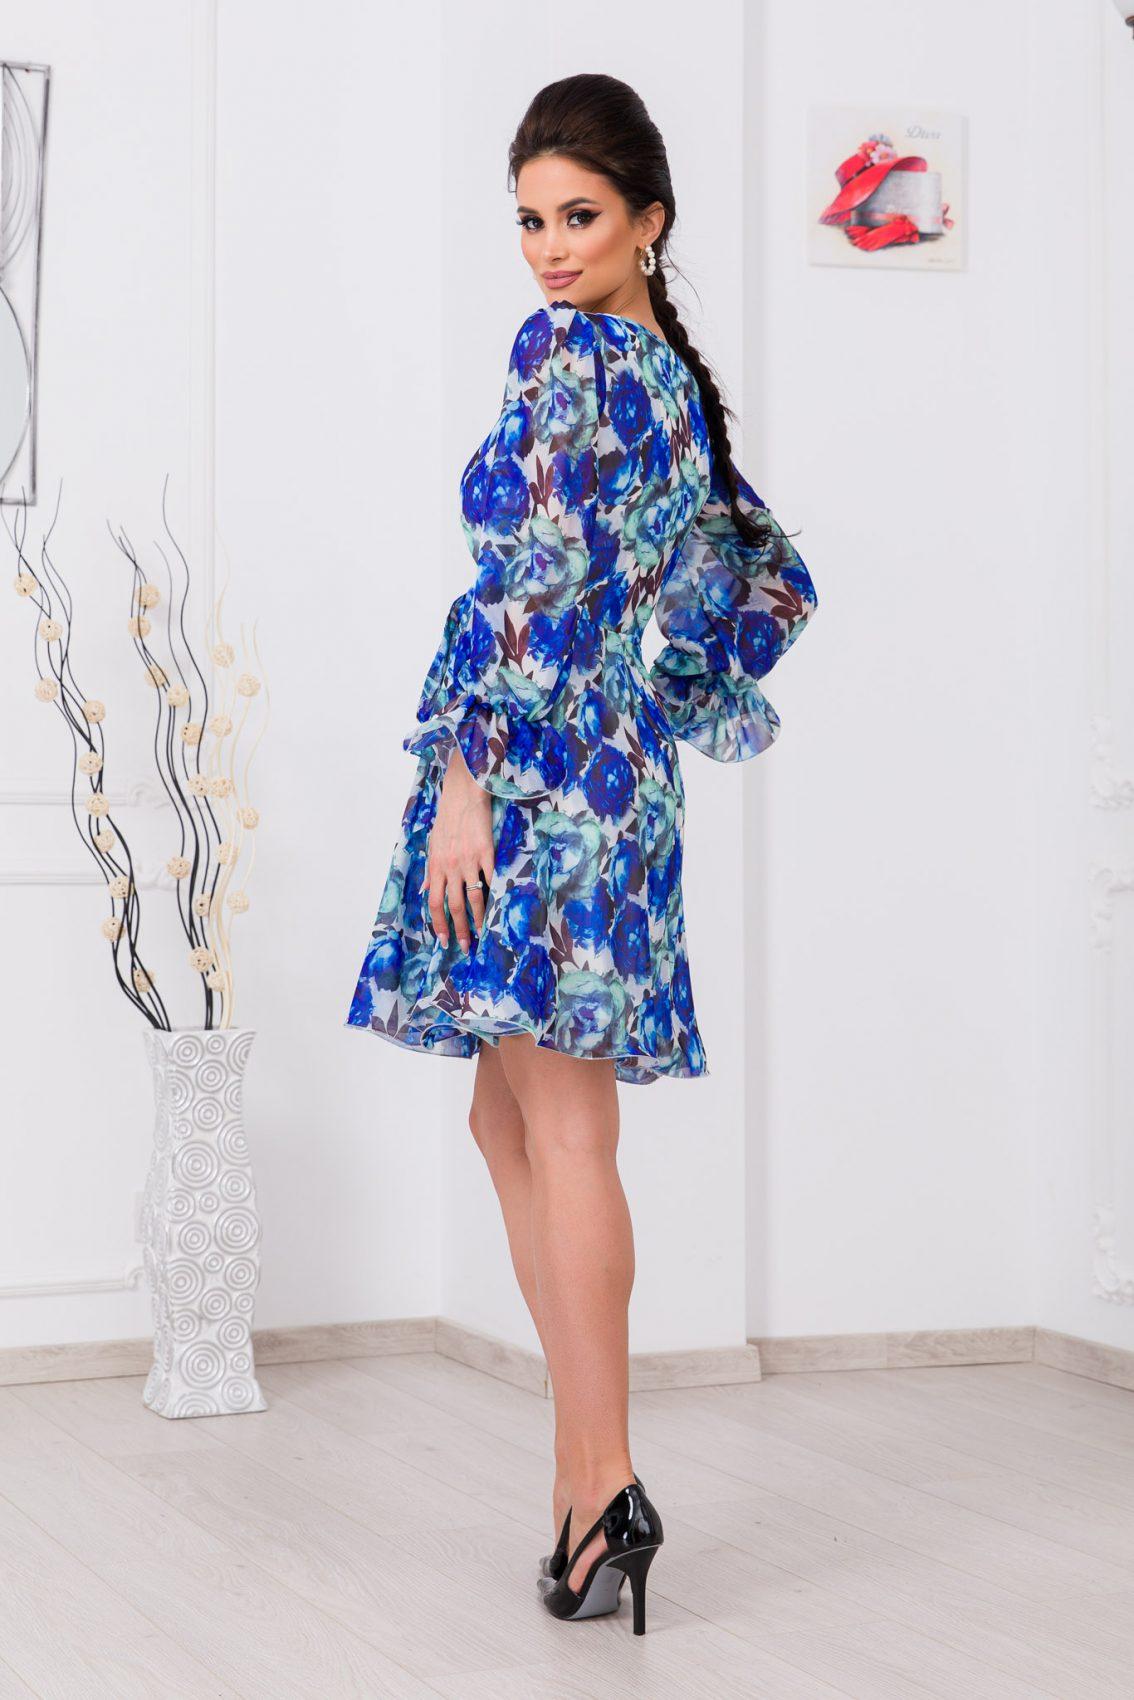 Μπλε Κρουαζέ Κλος Φόρεμα Simine 9667 2